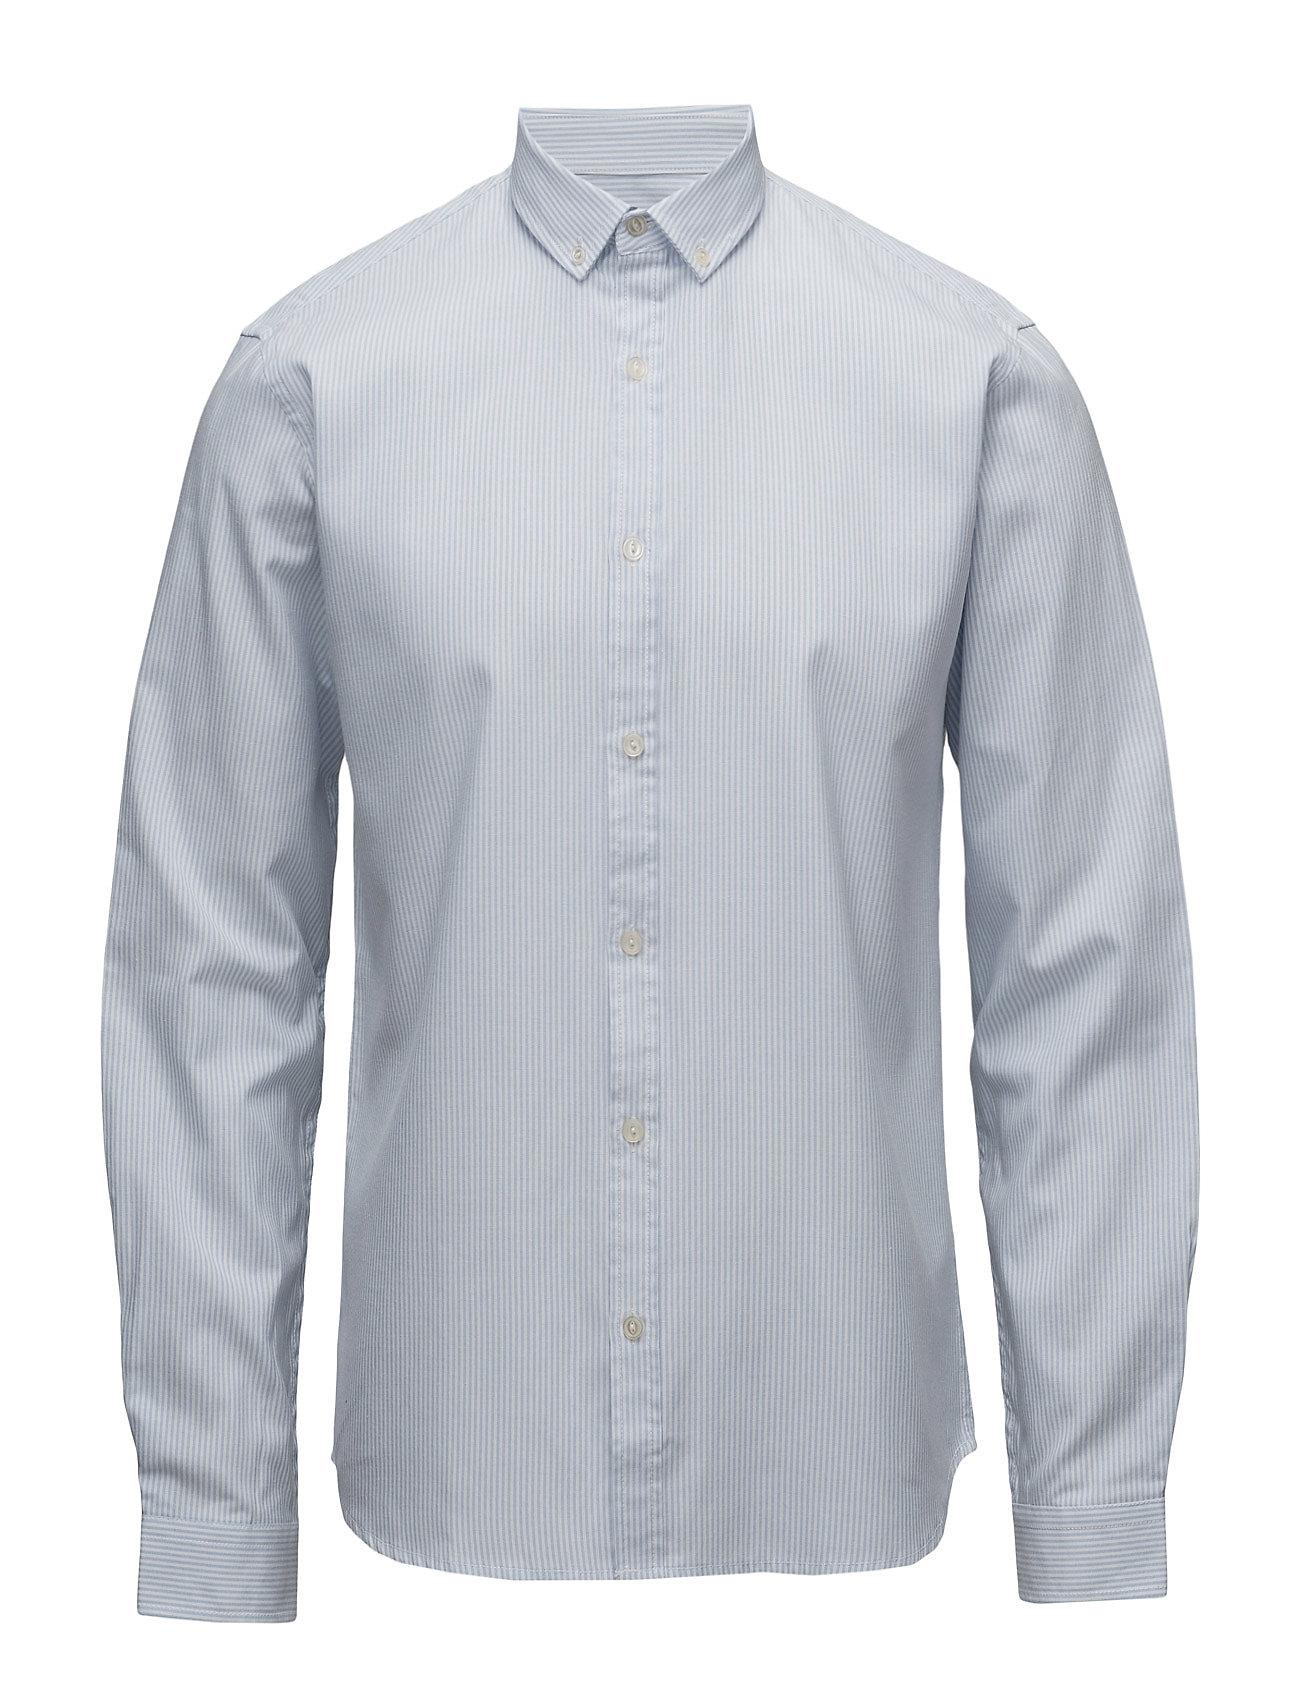 Shine Original Striped oxford shirt L/S - LIGHT BLUE